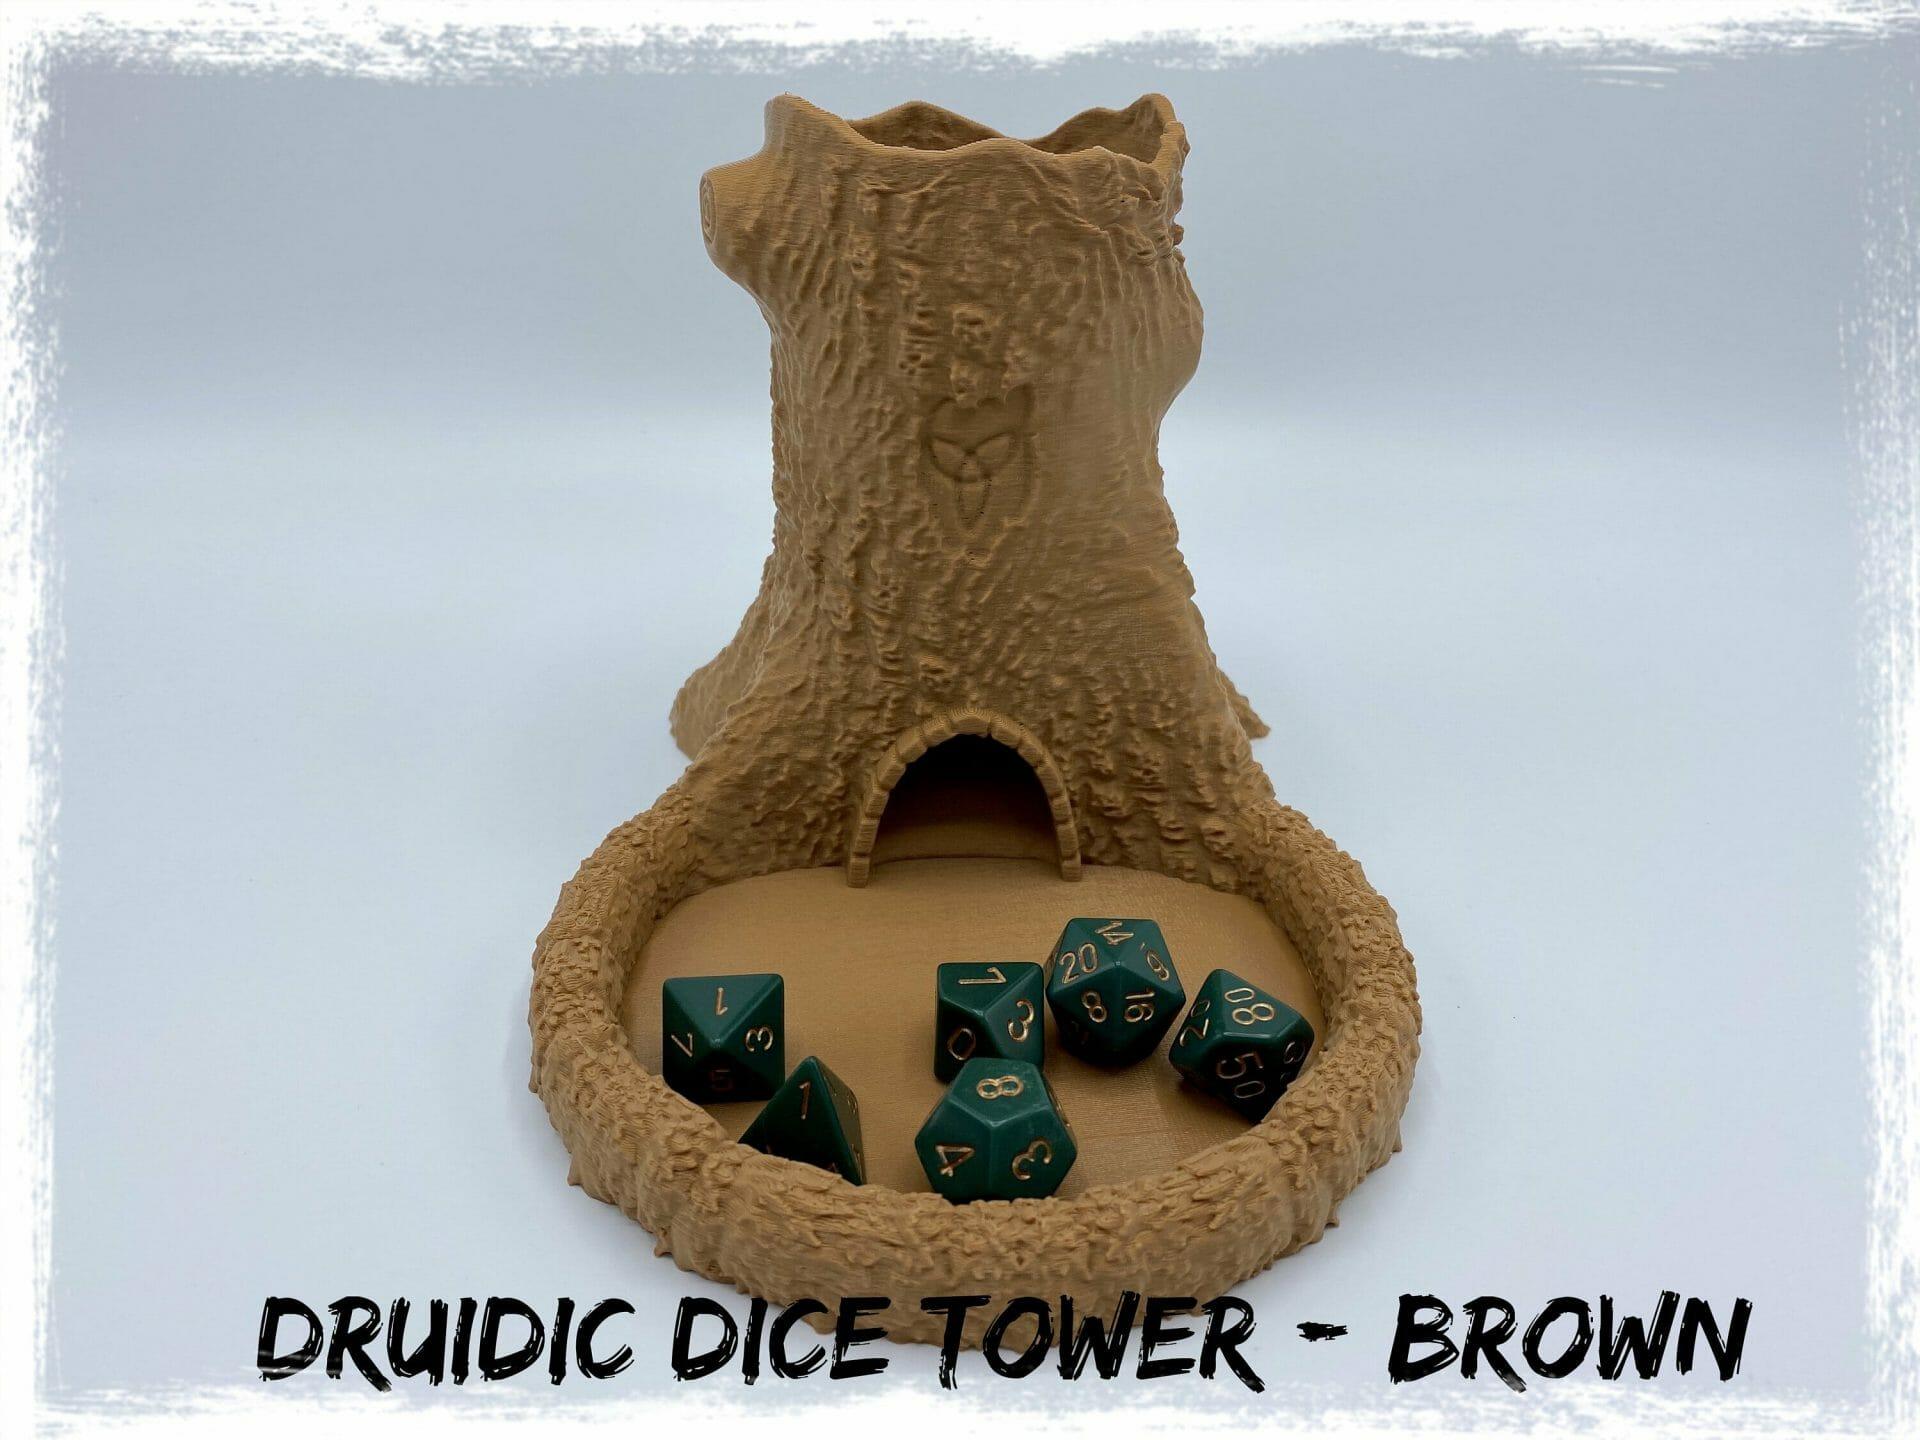 Druidic dice tower